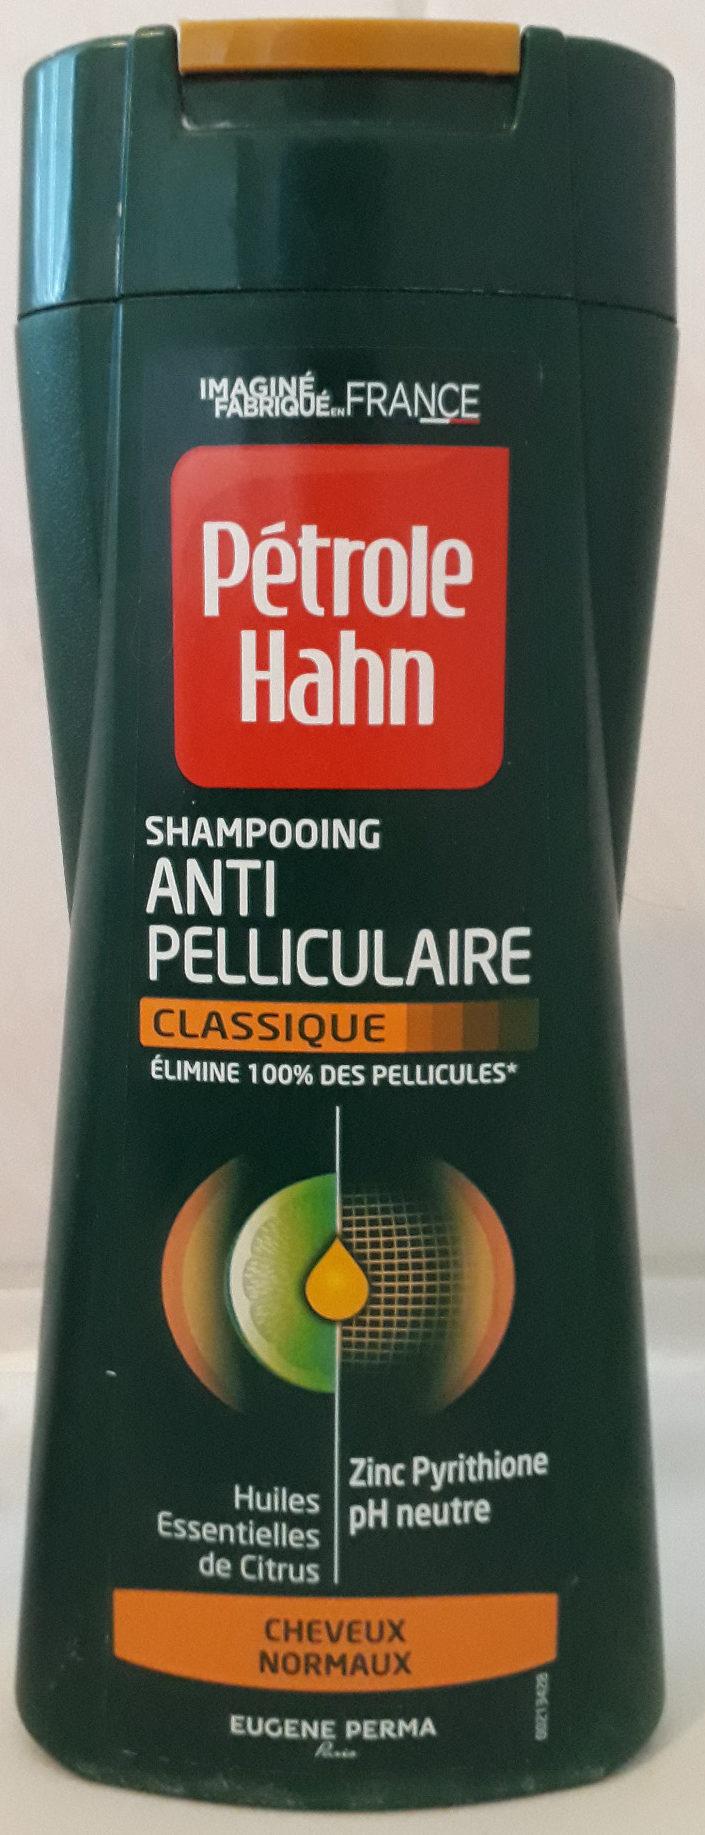 Shampooing anti pelliculaire classique, cheveux normaux - Produit - fr